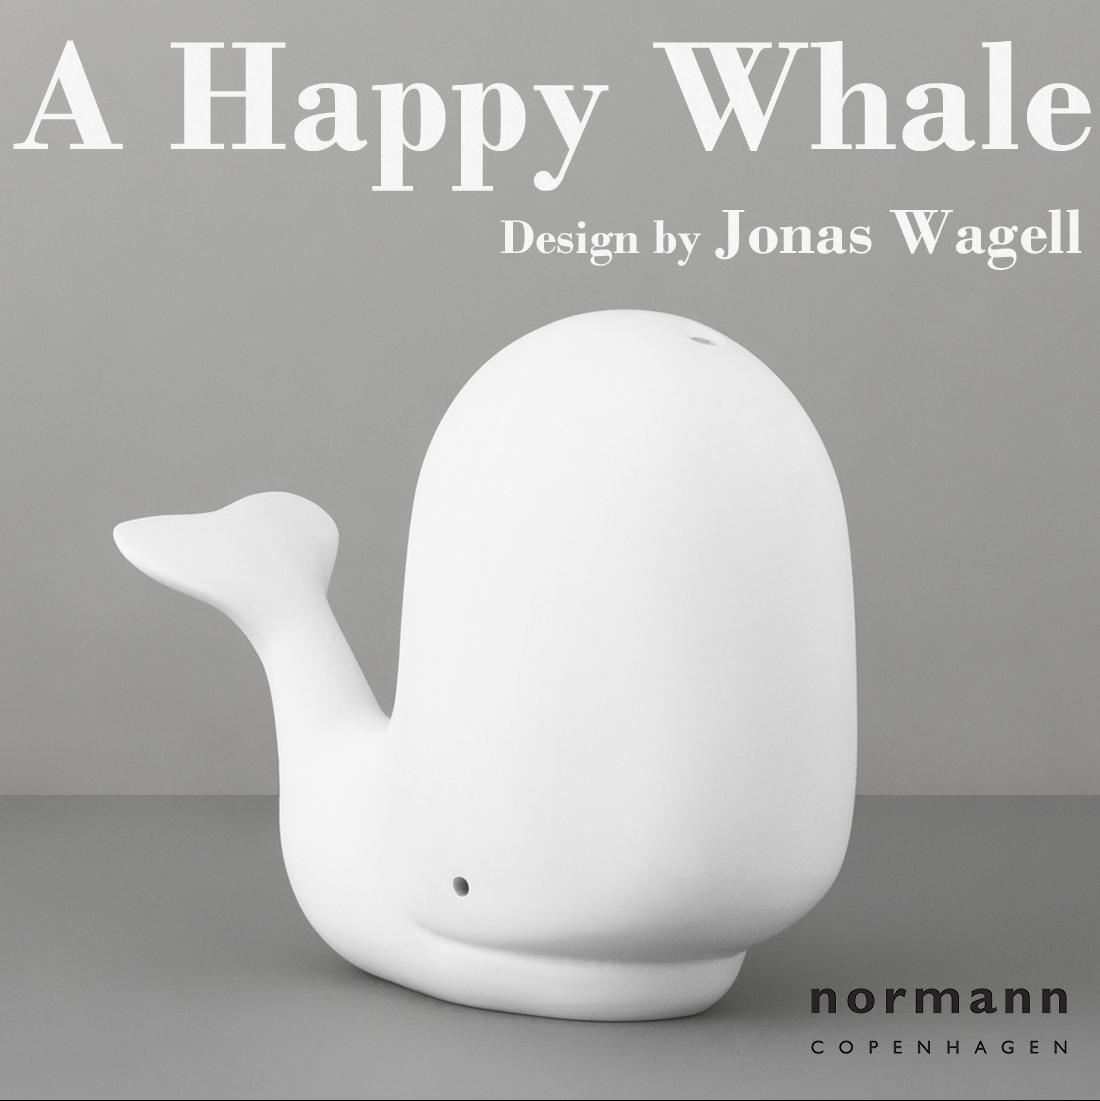 【normann COPENHAGEN】Happy Whale ハッピーホエールくじら/置物/インテリア/ノーマン コペンハーゲン/装飾/クジラ【コンビニ受取対応商品】